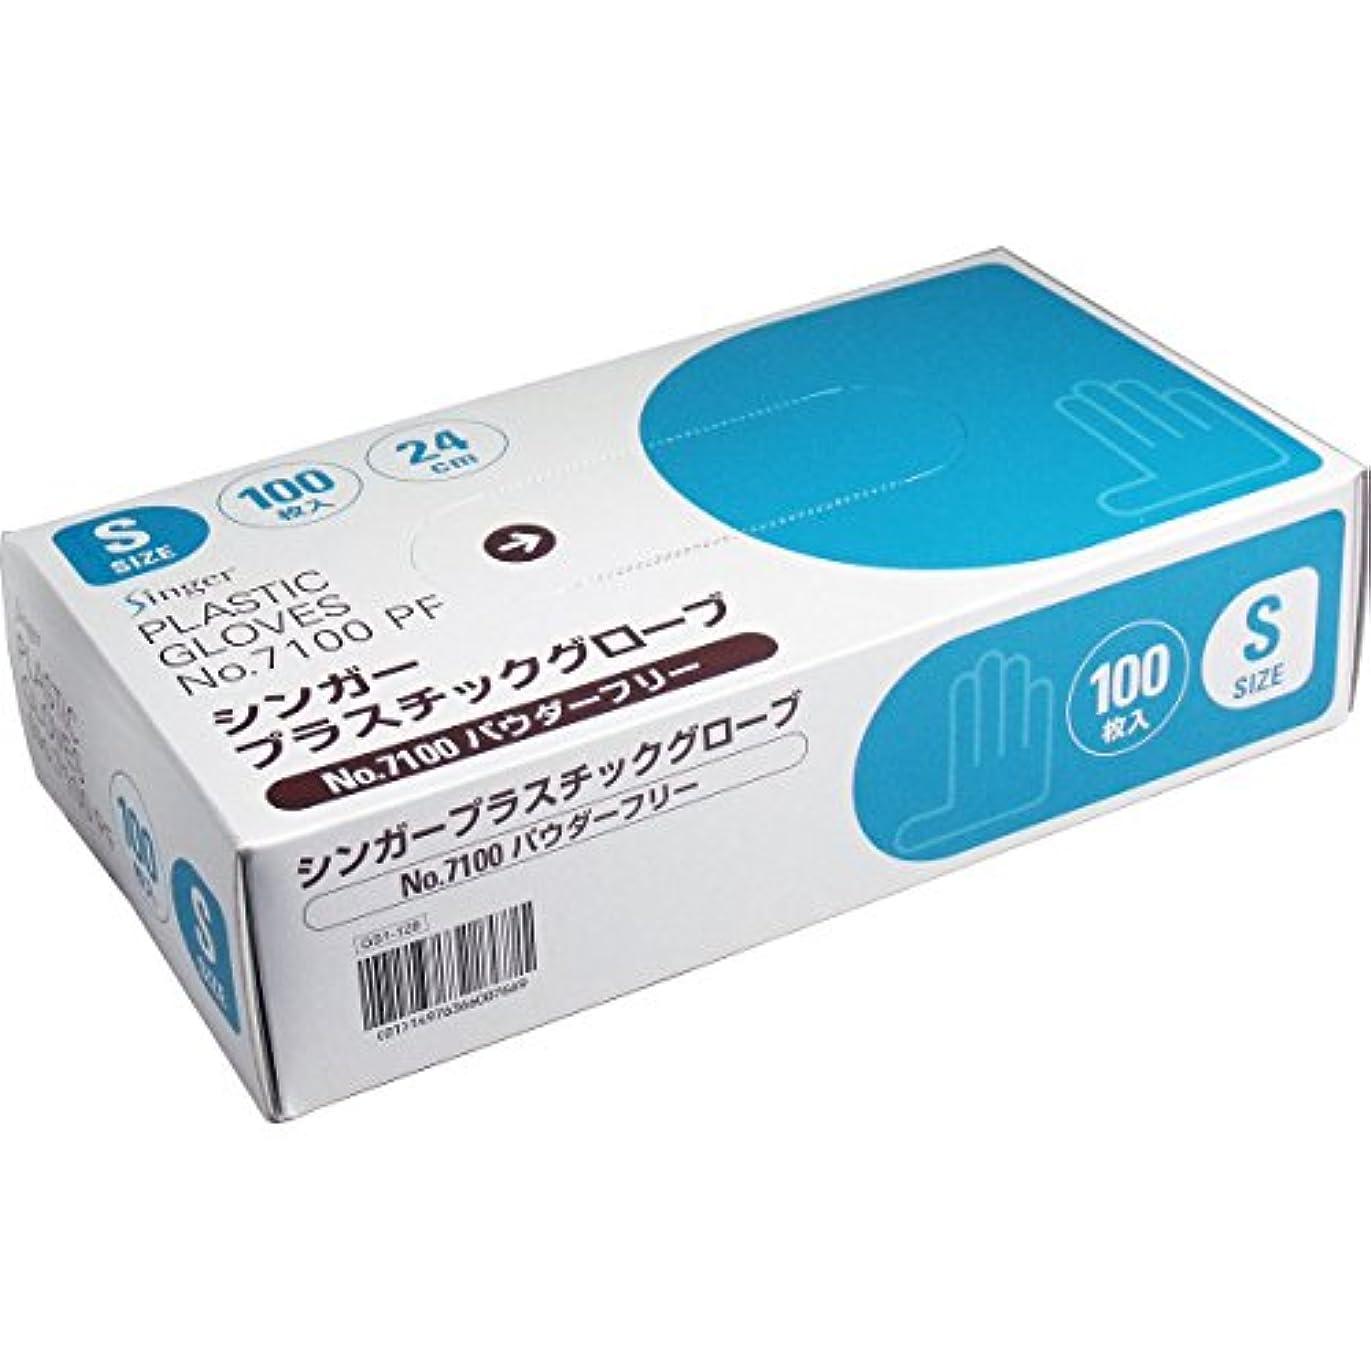 ミリメートル倍率許可するシンガープラスチックグローブ No.7100 パウダーフリー Sサイズ 100枚入×5個セット(管理番号 4976366007662)